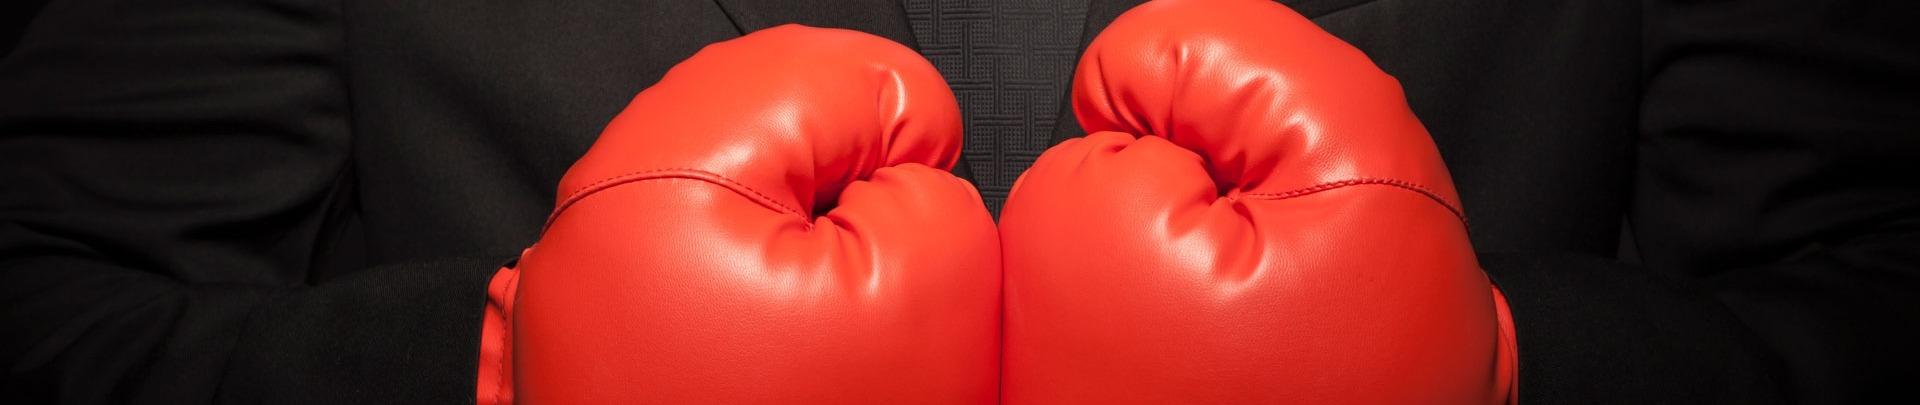 Stoere zakenman in zwart pak en rode bokshandschoenen